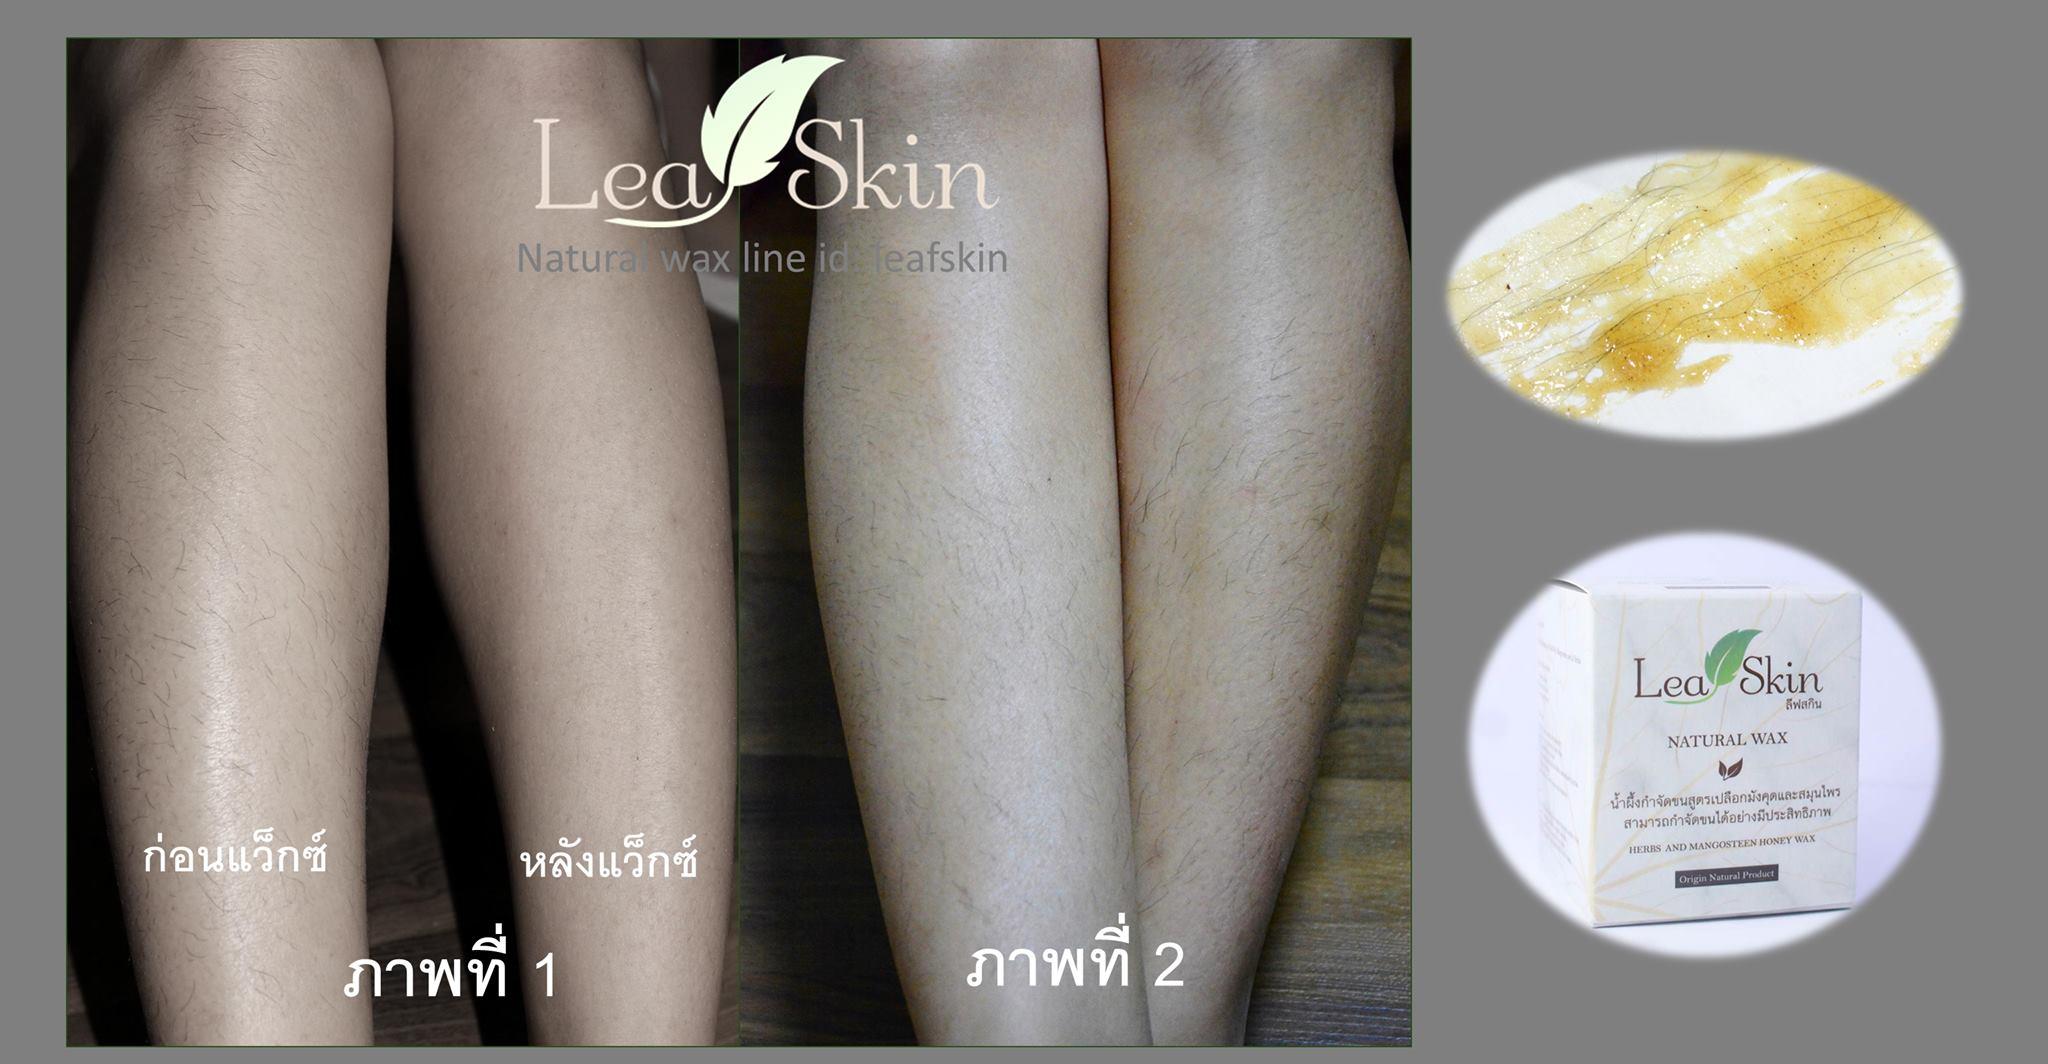 แว๊กซ์ขน,แว๊กซ์เย็น,แว๊กซ์ขน Leaf skin,ลิฟสกิน,แว๊กซ์ขน ลิฟสกิน,Leaf skin,แว๊กซ์น้ำผึ้ง,แว๊กซ์ธรรมชาติ